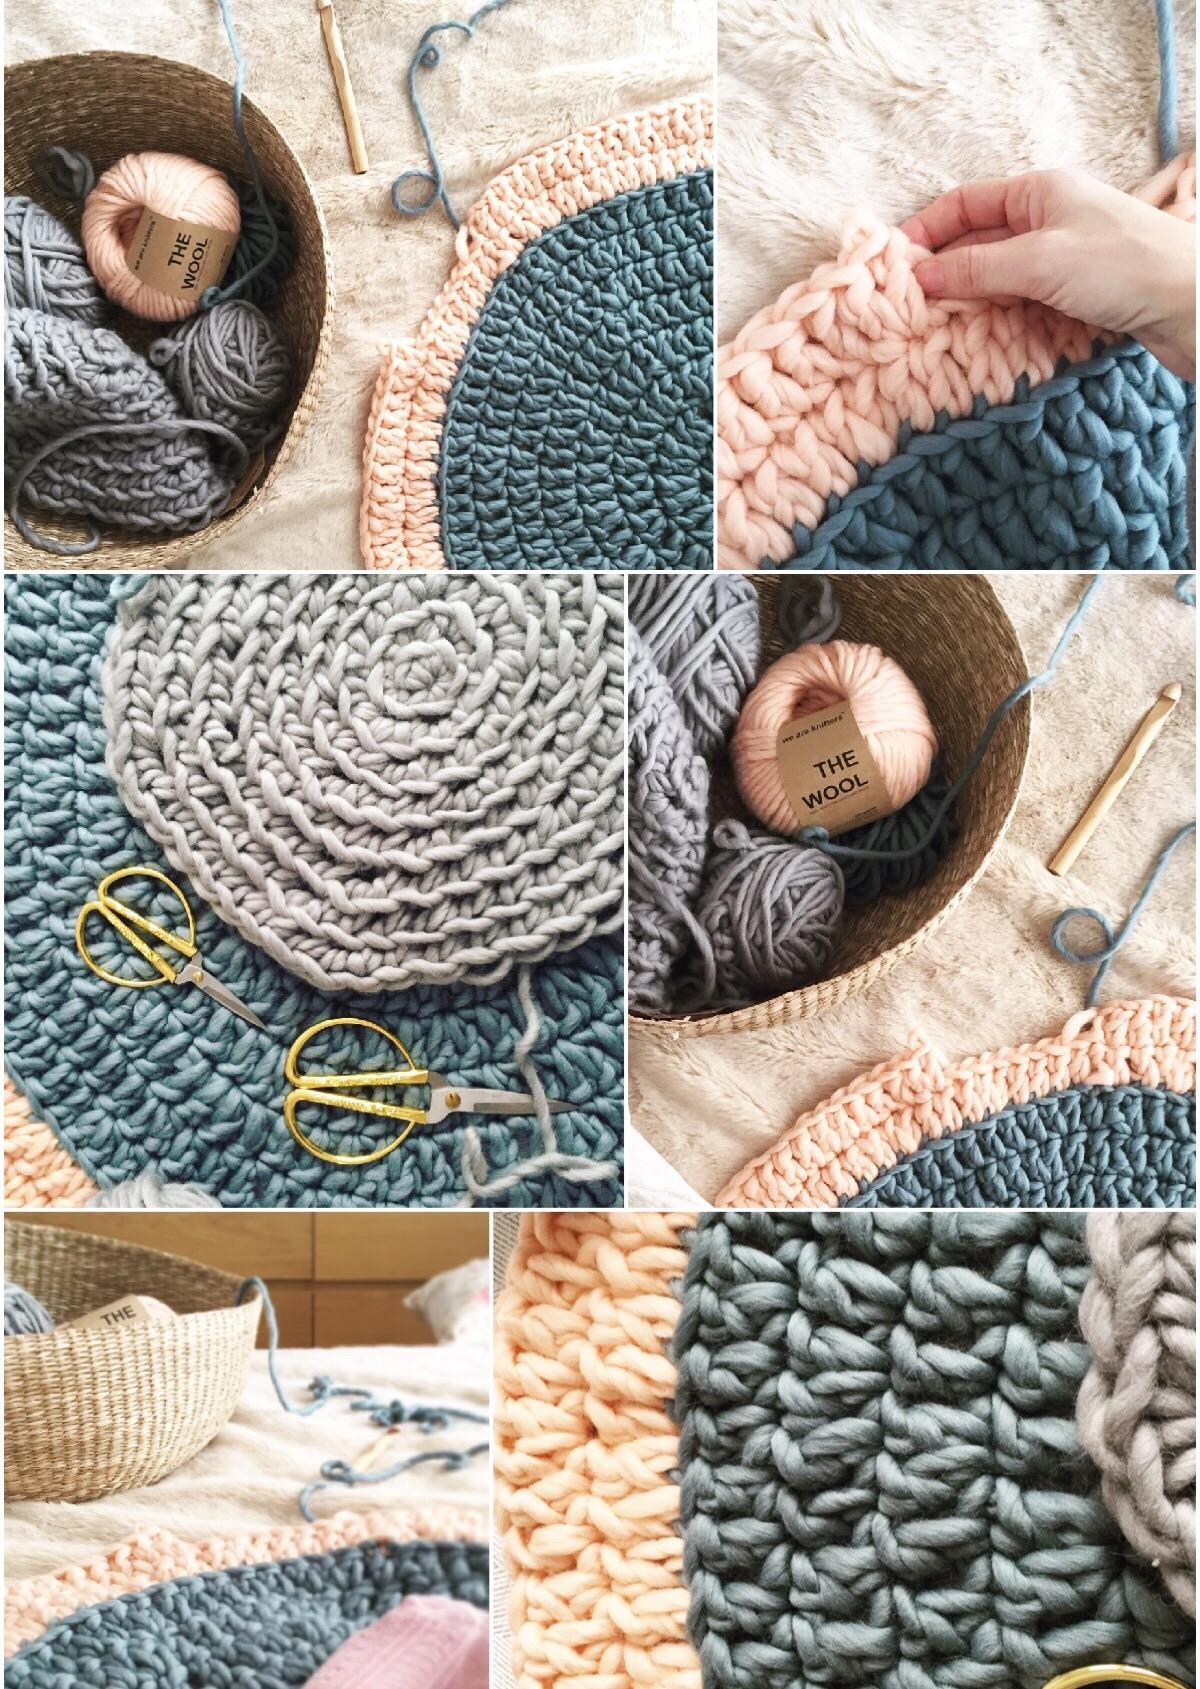 Como hacer alfombras de lana a mano - Como limpiar alfombras de lana ...